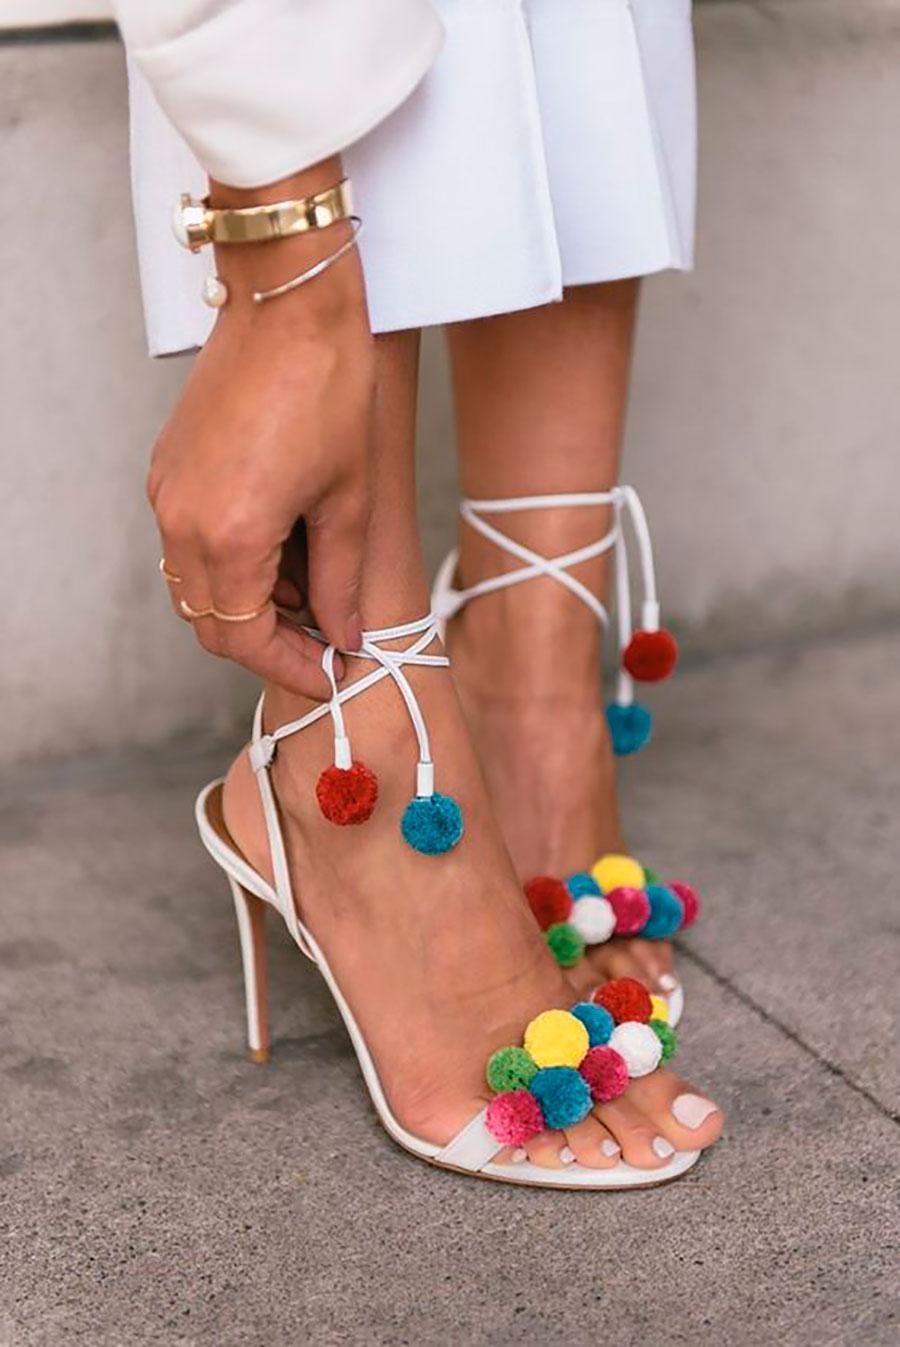 Voce pode tê-los de duas maneiras, os maiores e de pelo vem enfeitando  sapatos, bolsas, chaveiros, bonés e os coloridos e de tamanhos diversos vem  em ... 348c3b9efa